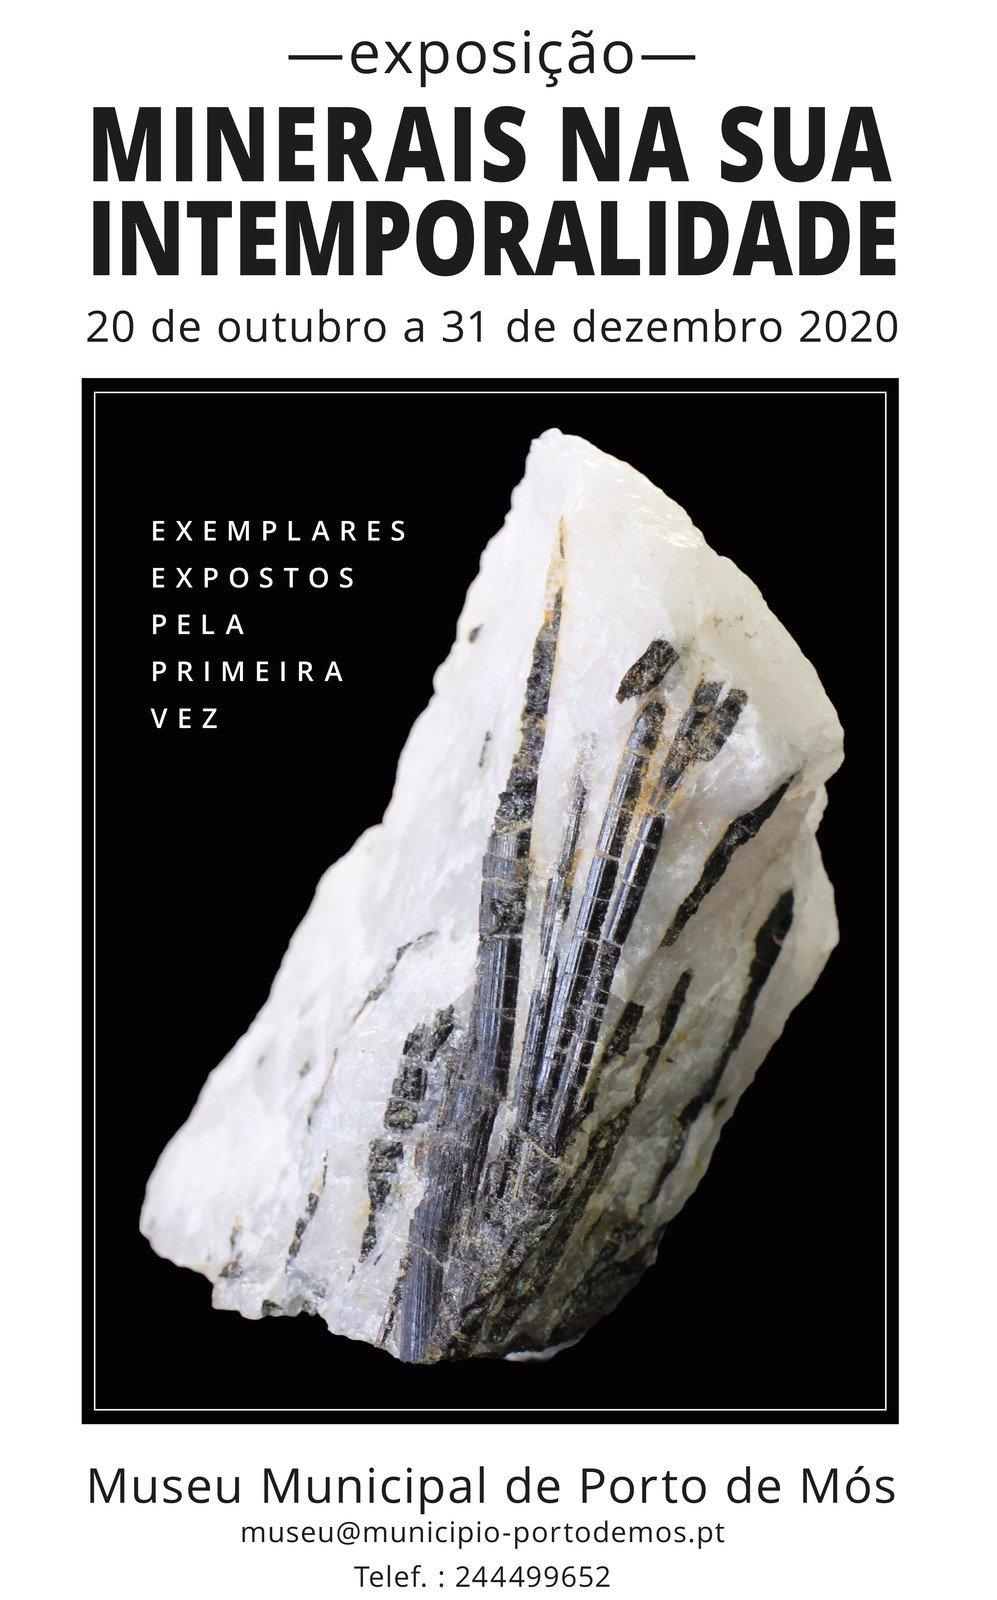 Exposição - Minerais na sua Intemporalidade